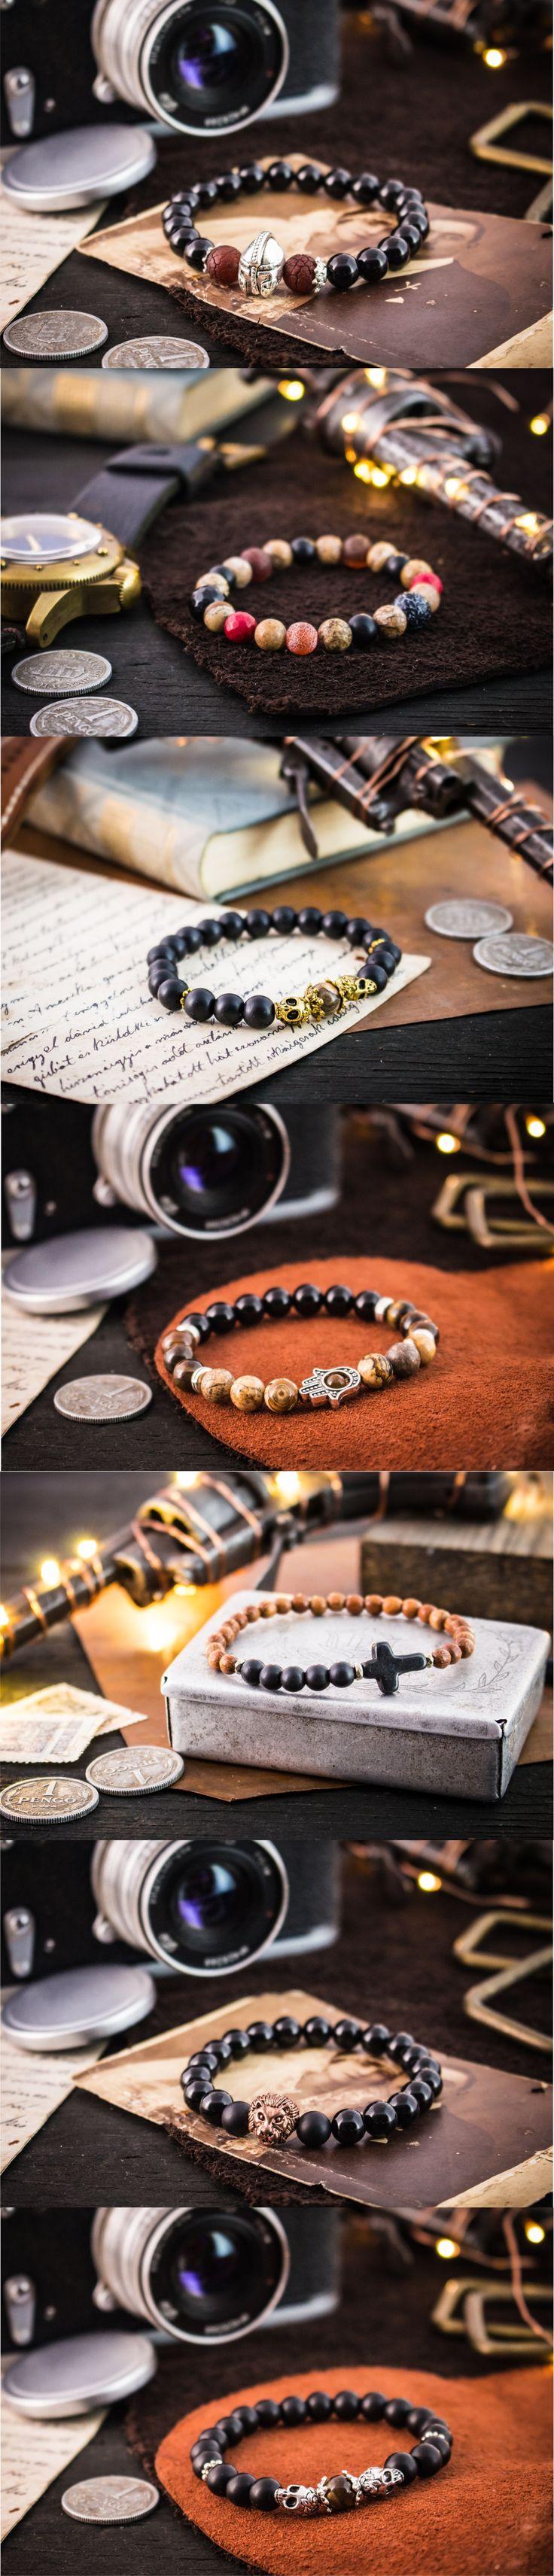 Best bracelets for men ever seen #bracelet